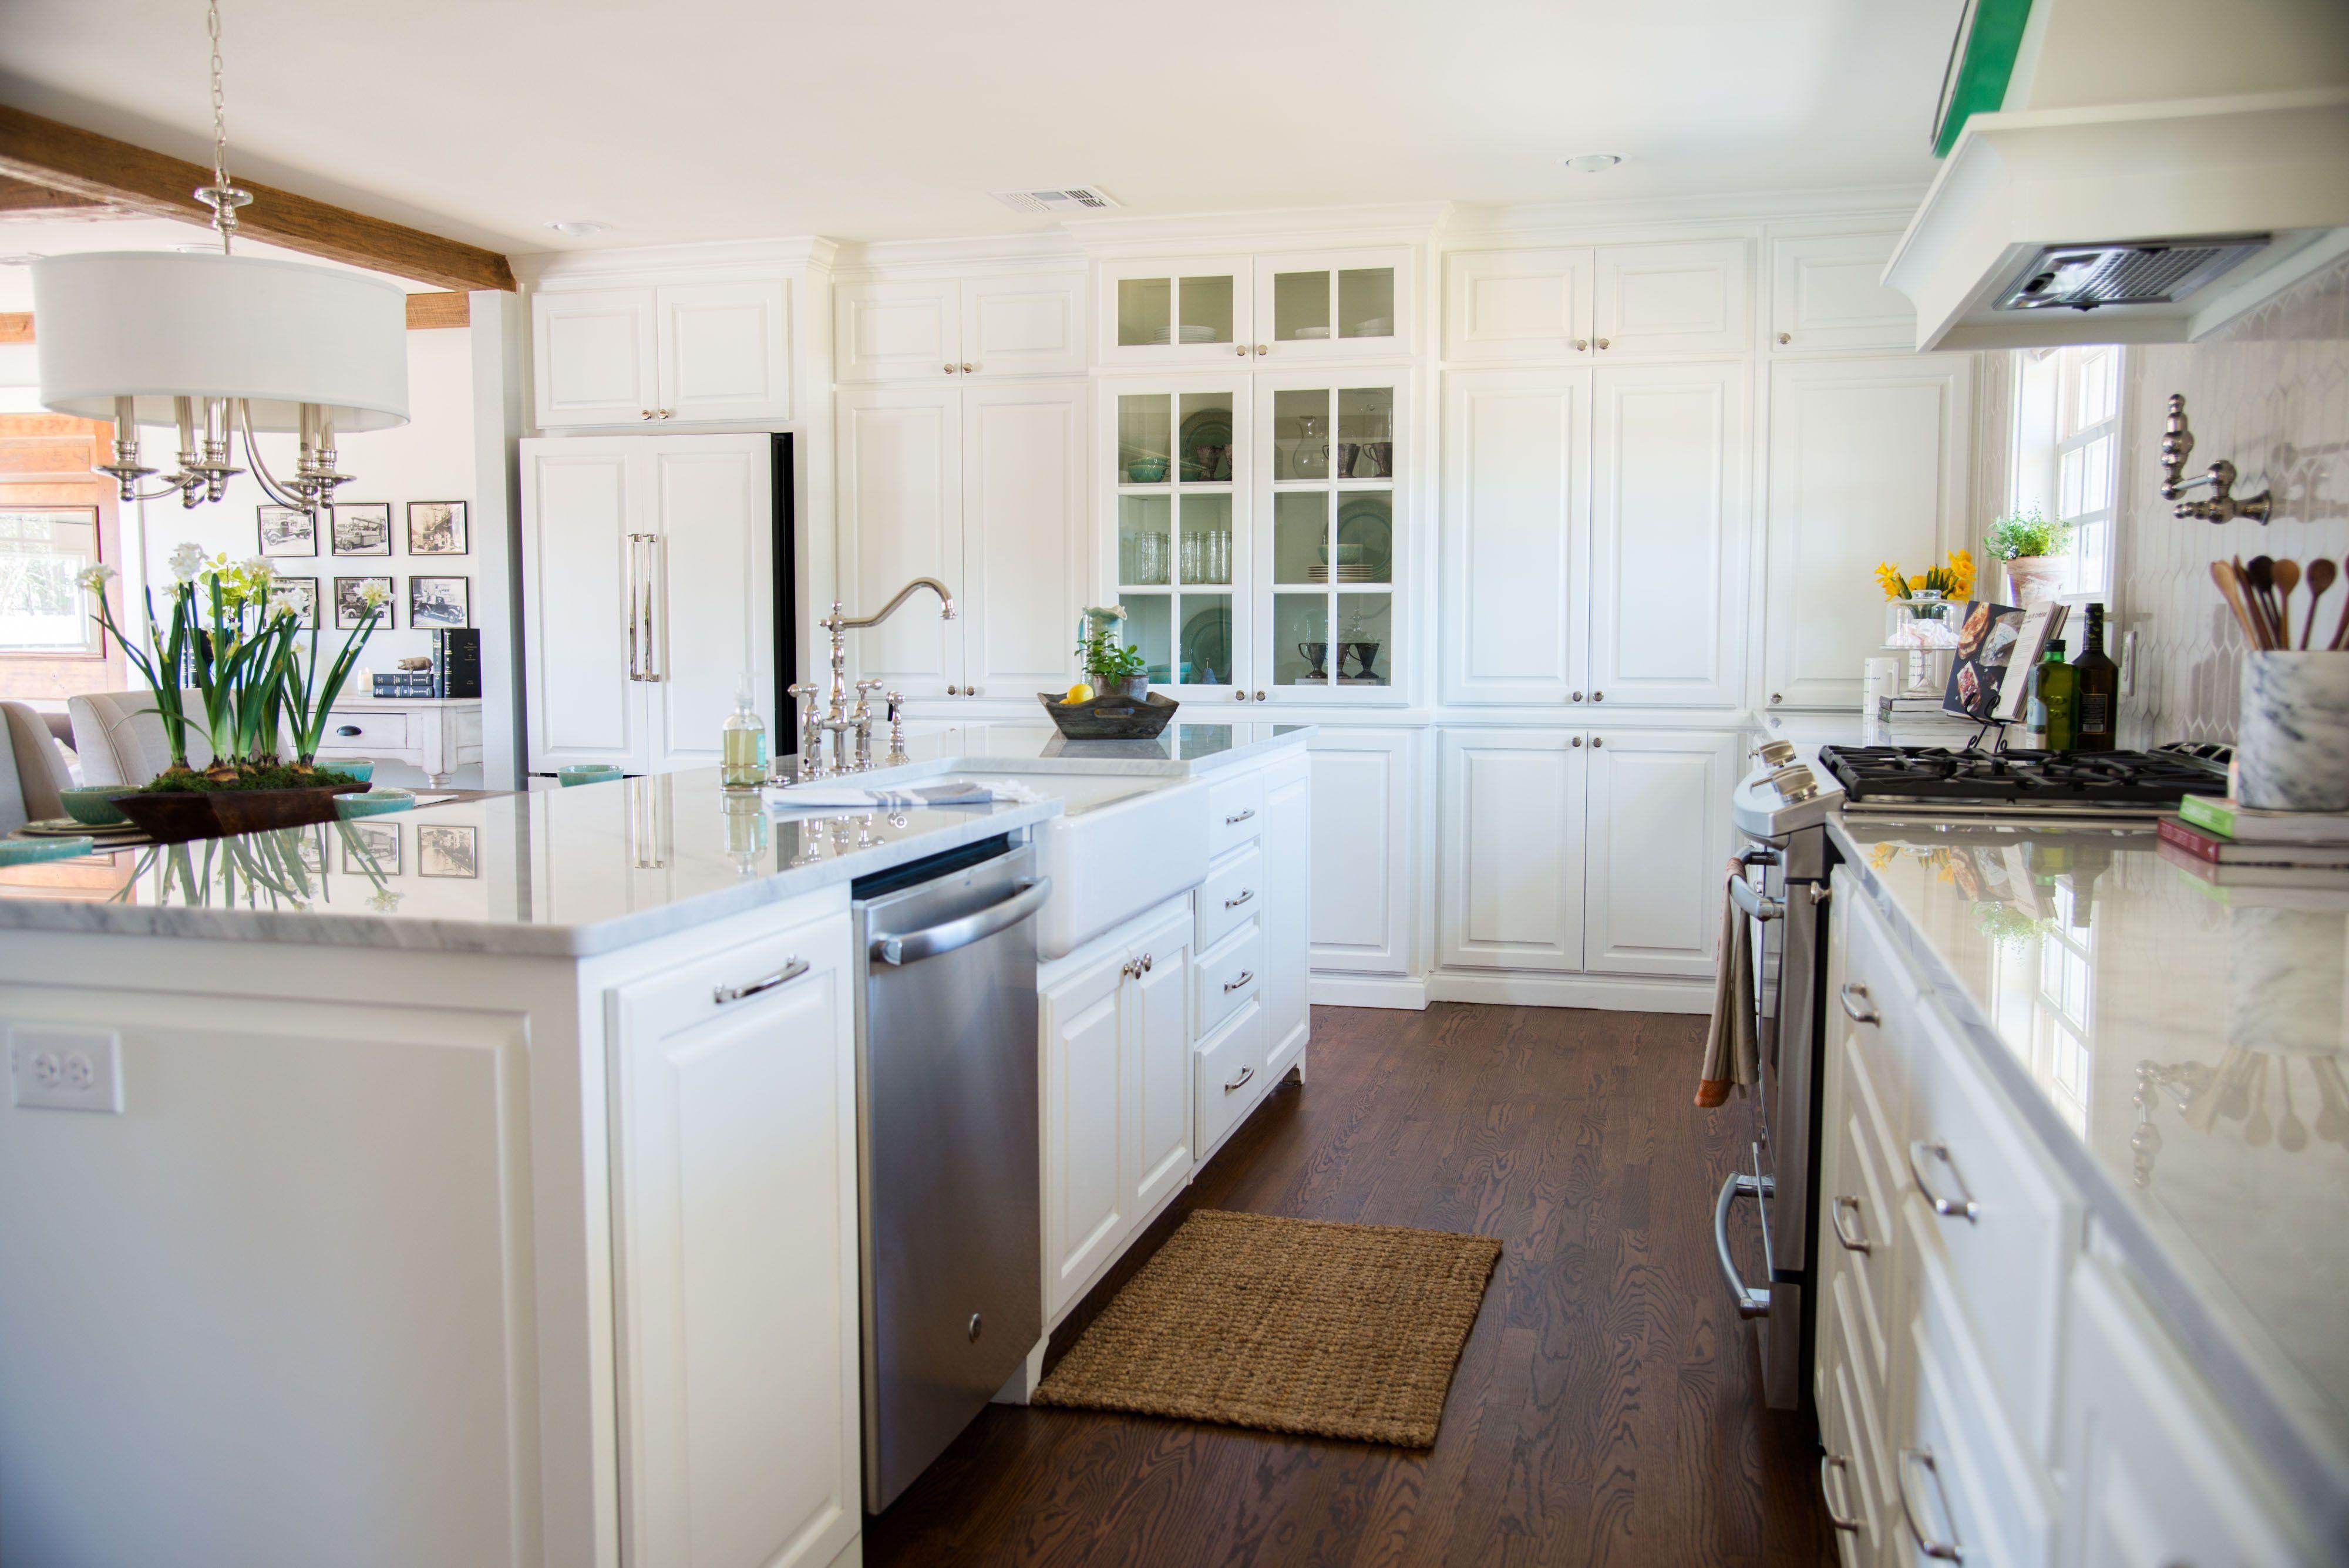 Fixer upper kitchens season 4 - The Plain Gray House Season 4 Fixer Upper Magnolia Market Kitchen